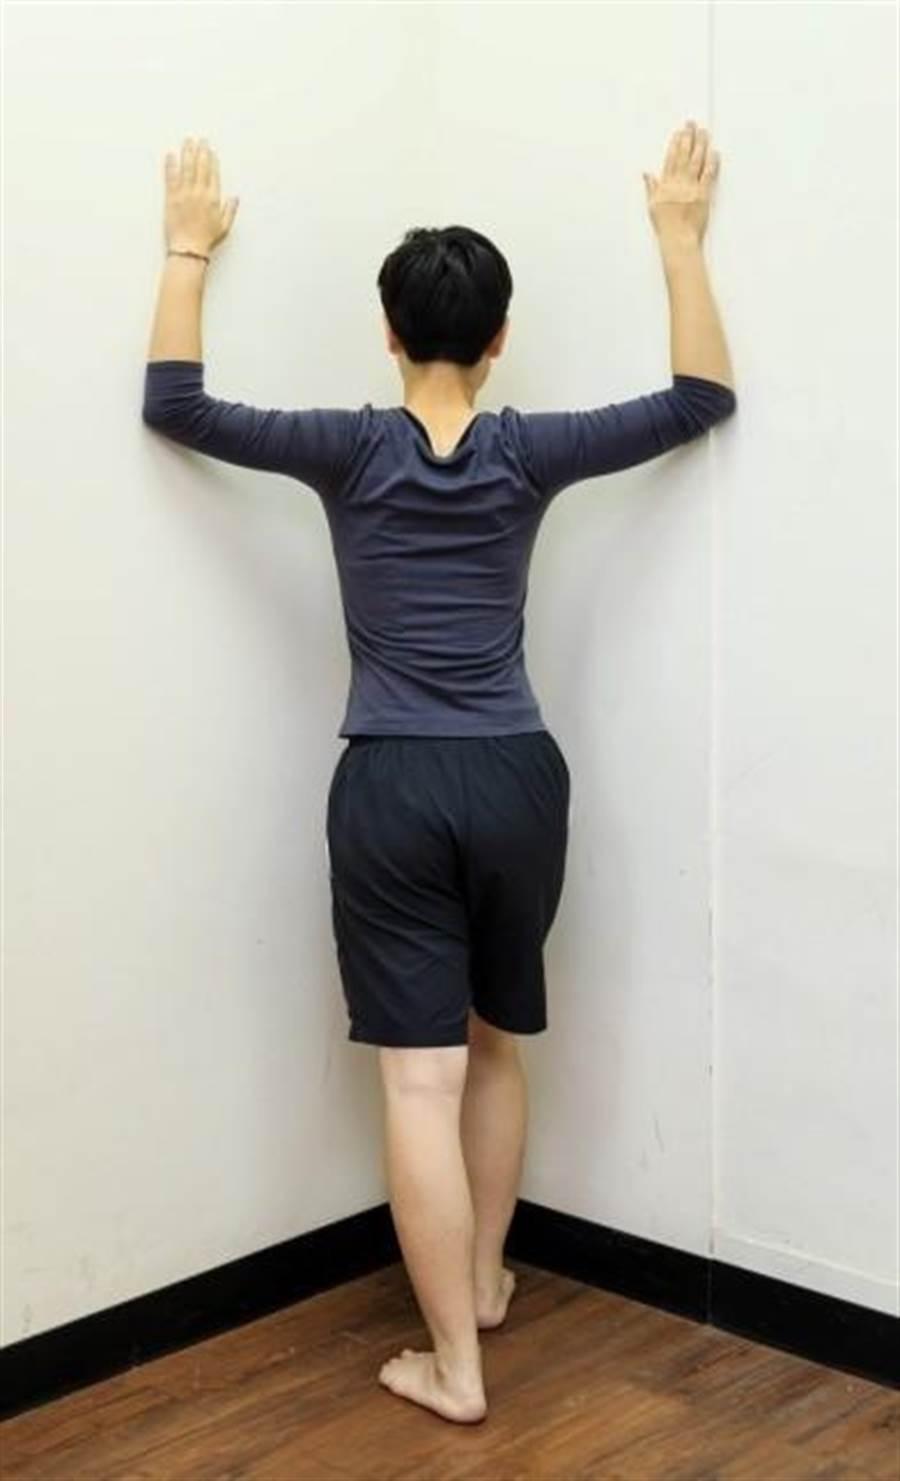 圖1推牆角運動:伸展胸部前側矯正上背姿勢。(合記圖書提供)